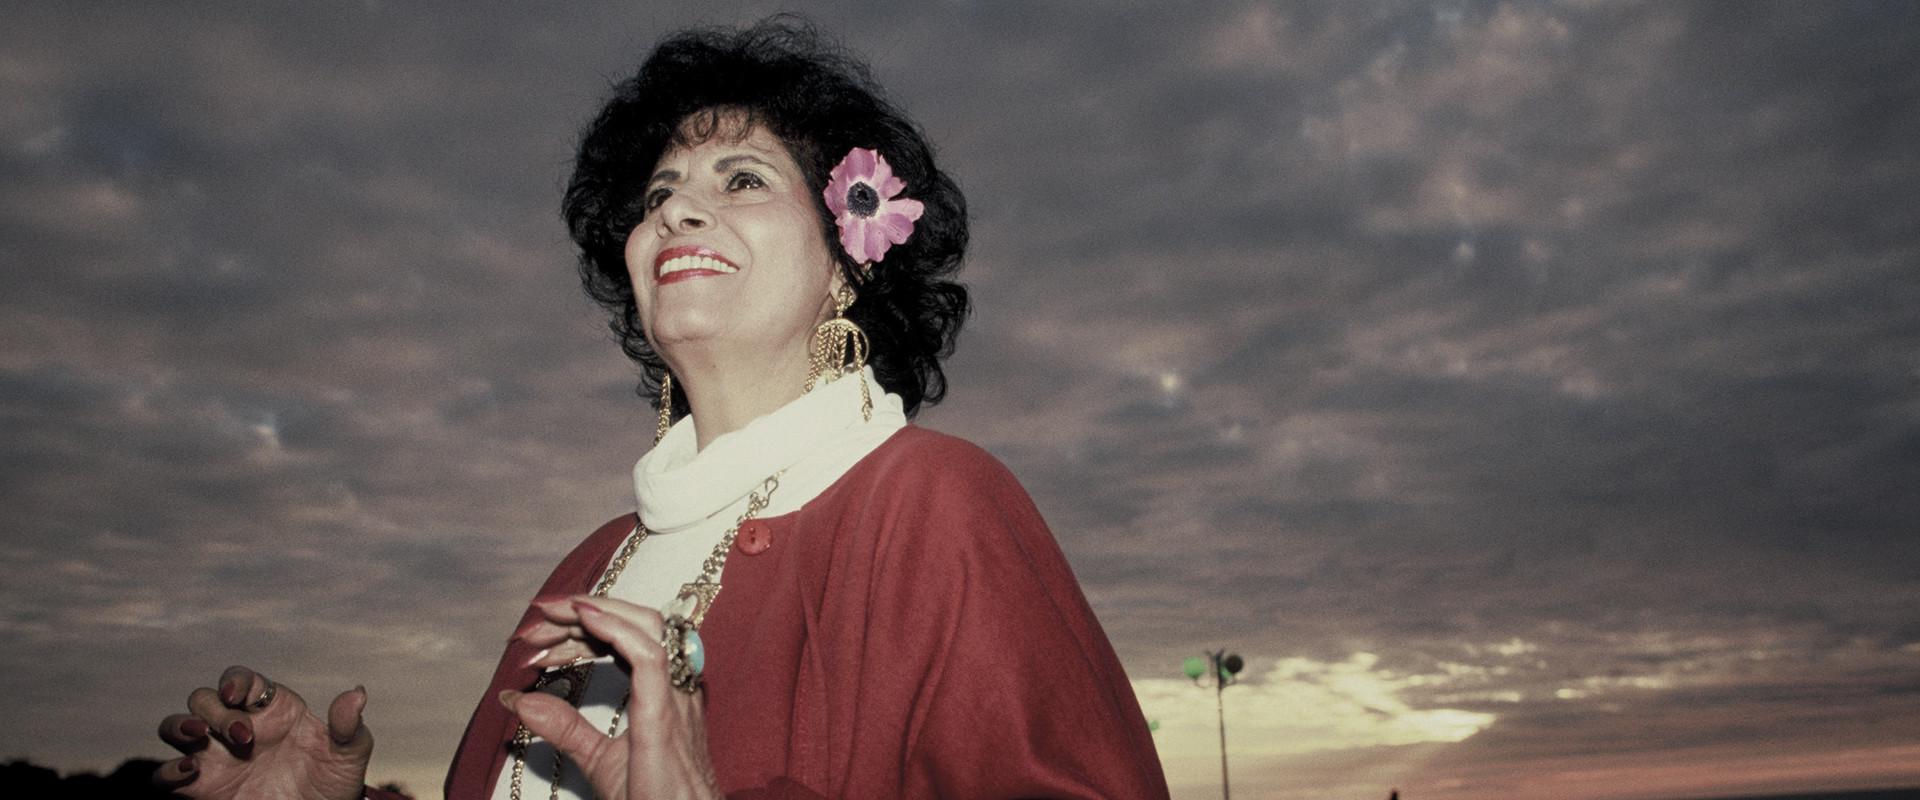 שושנה דמארי (צילום: פלאש 90)